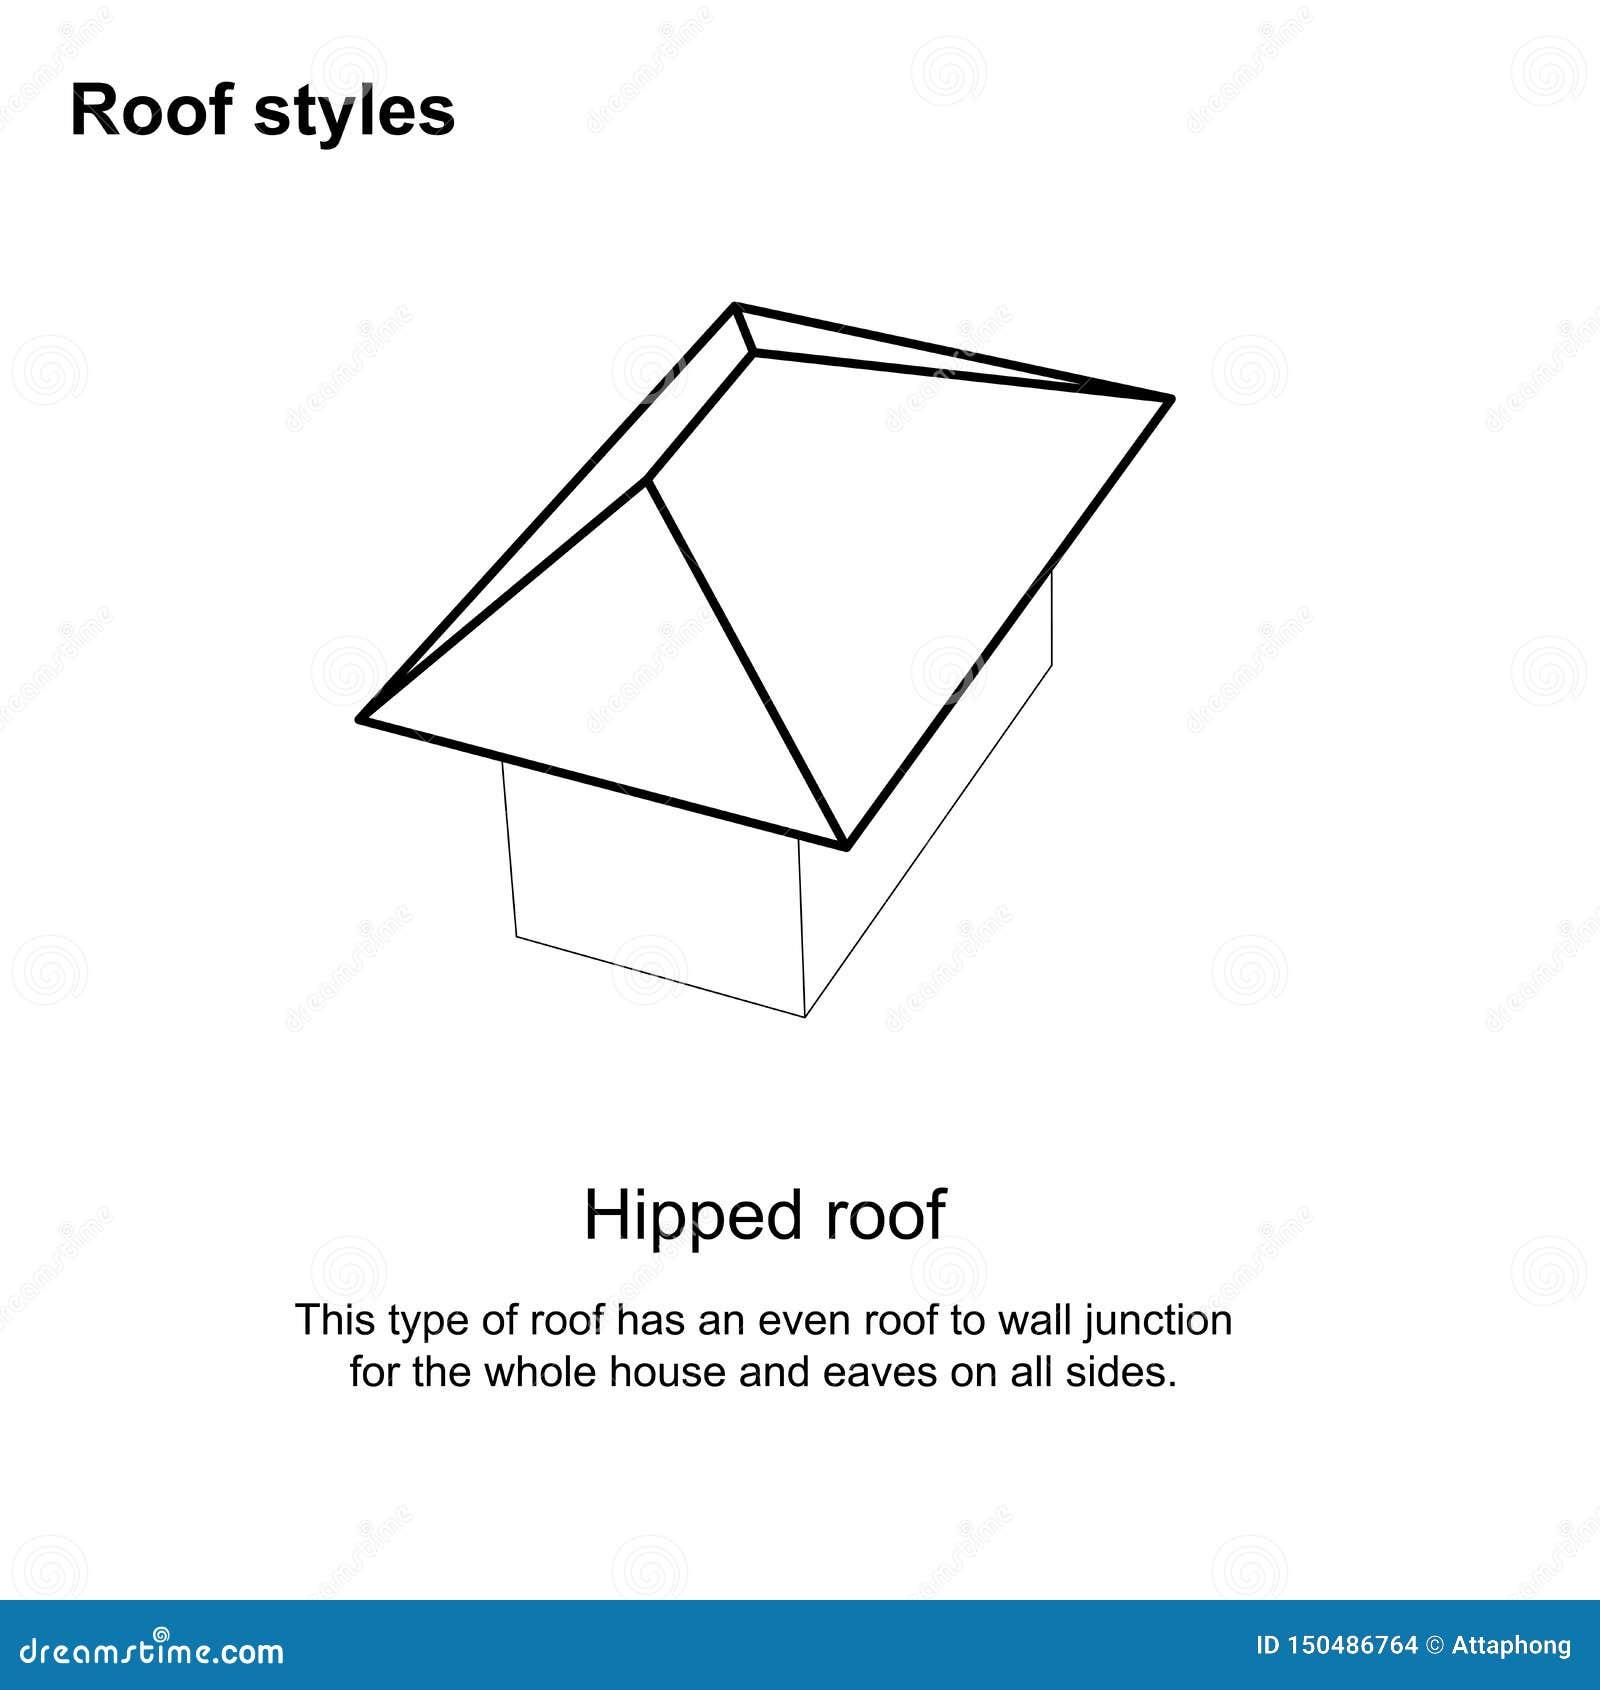 Dachlandschafts-grafische Dacharten verschiedene Dacharten Architektur - Dach-Entwurf auf weißem Hintergrund